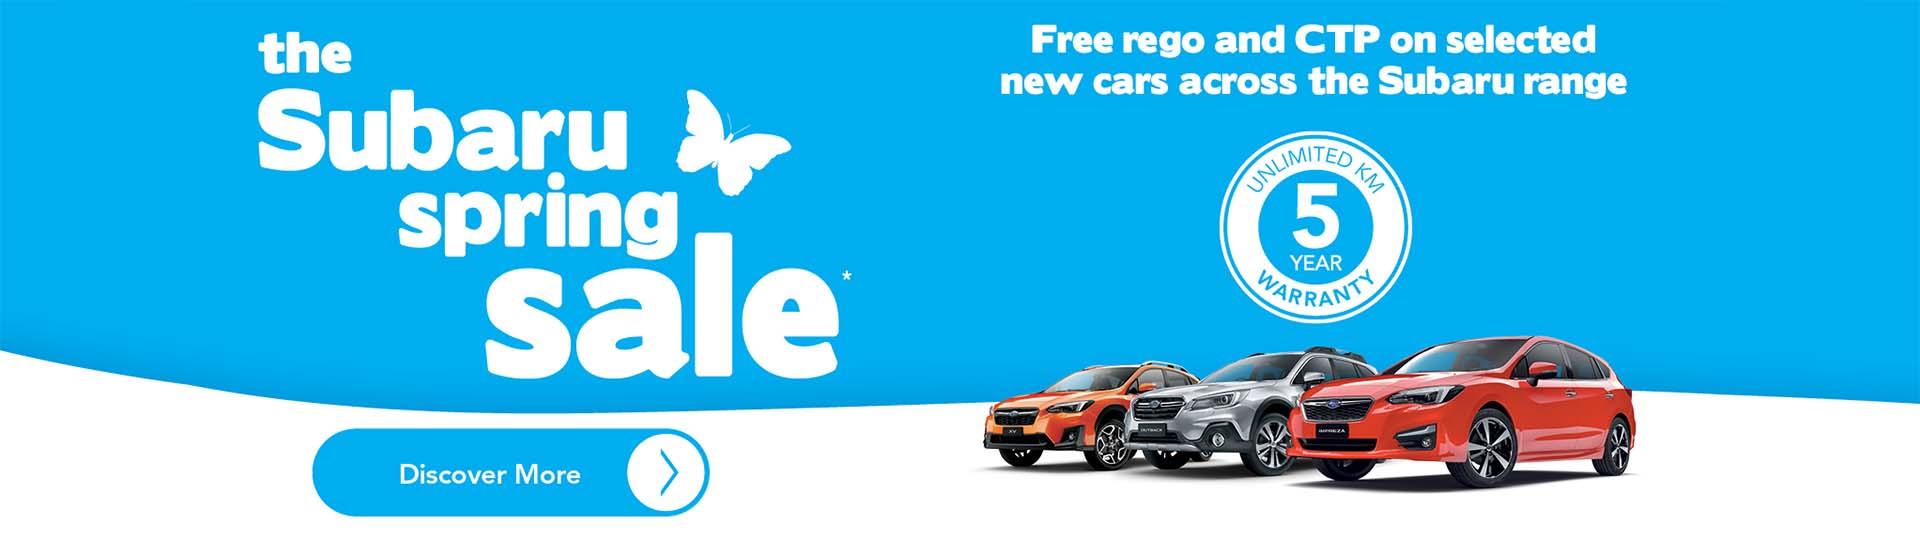 Subaru Spring Offers